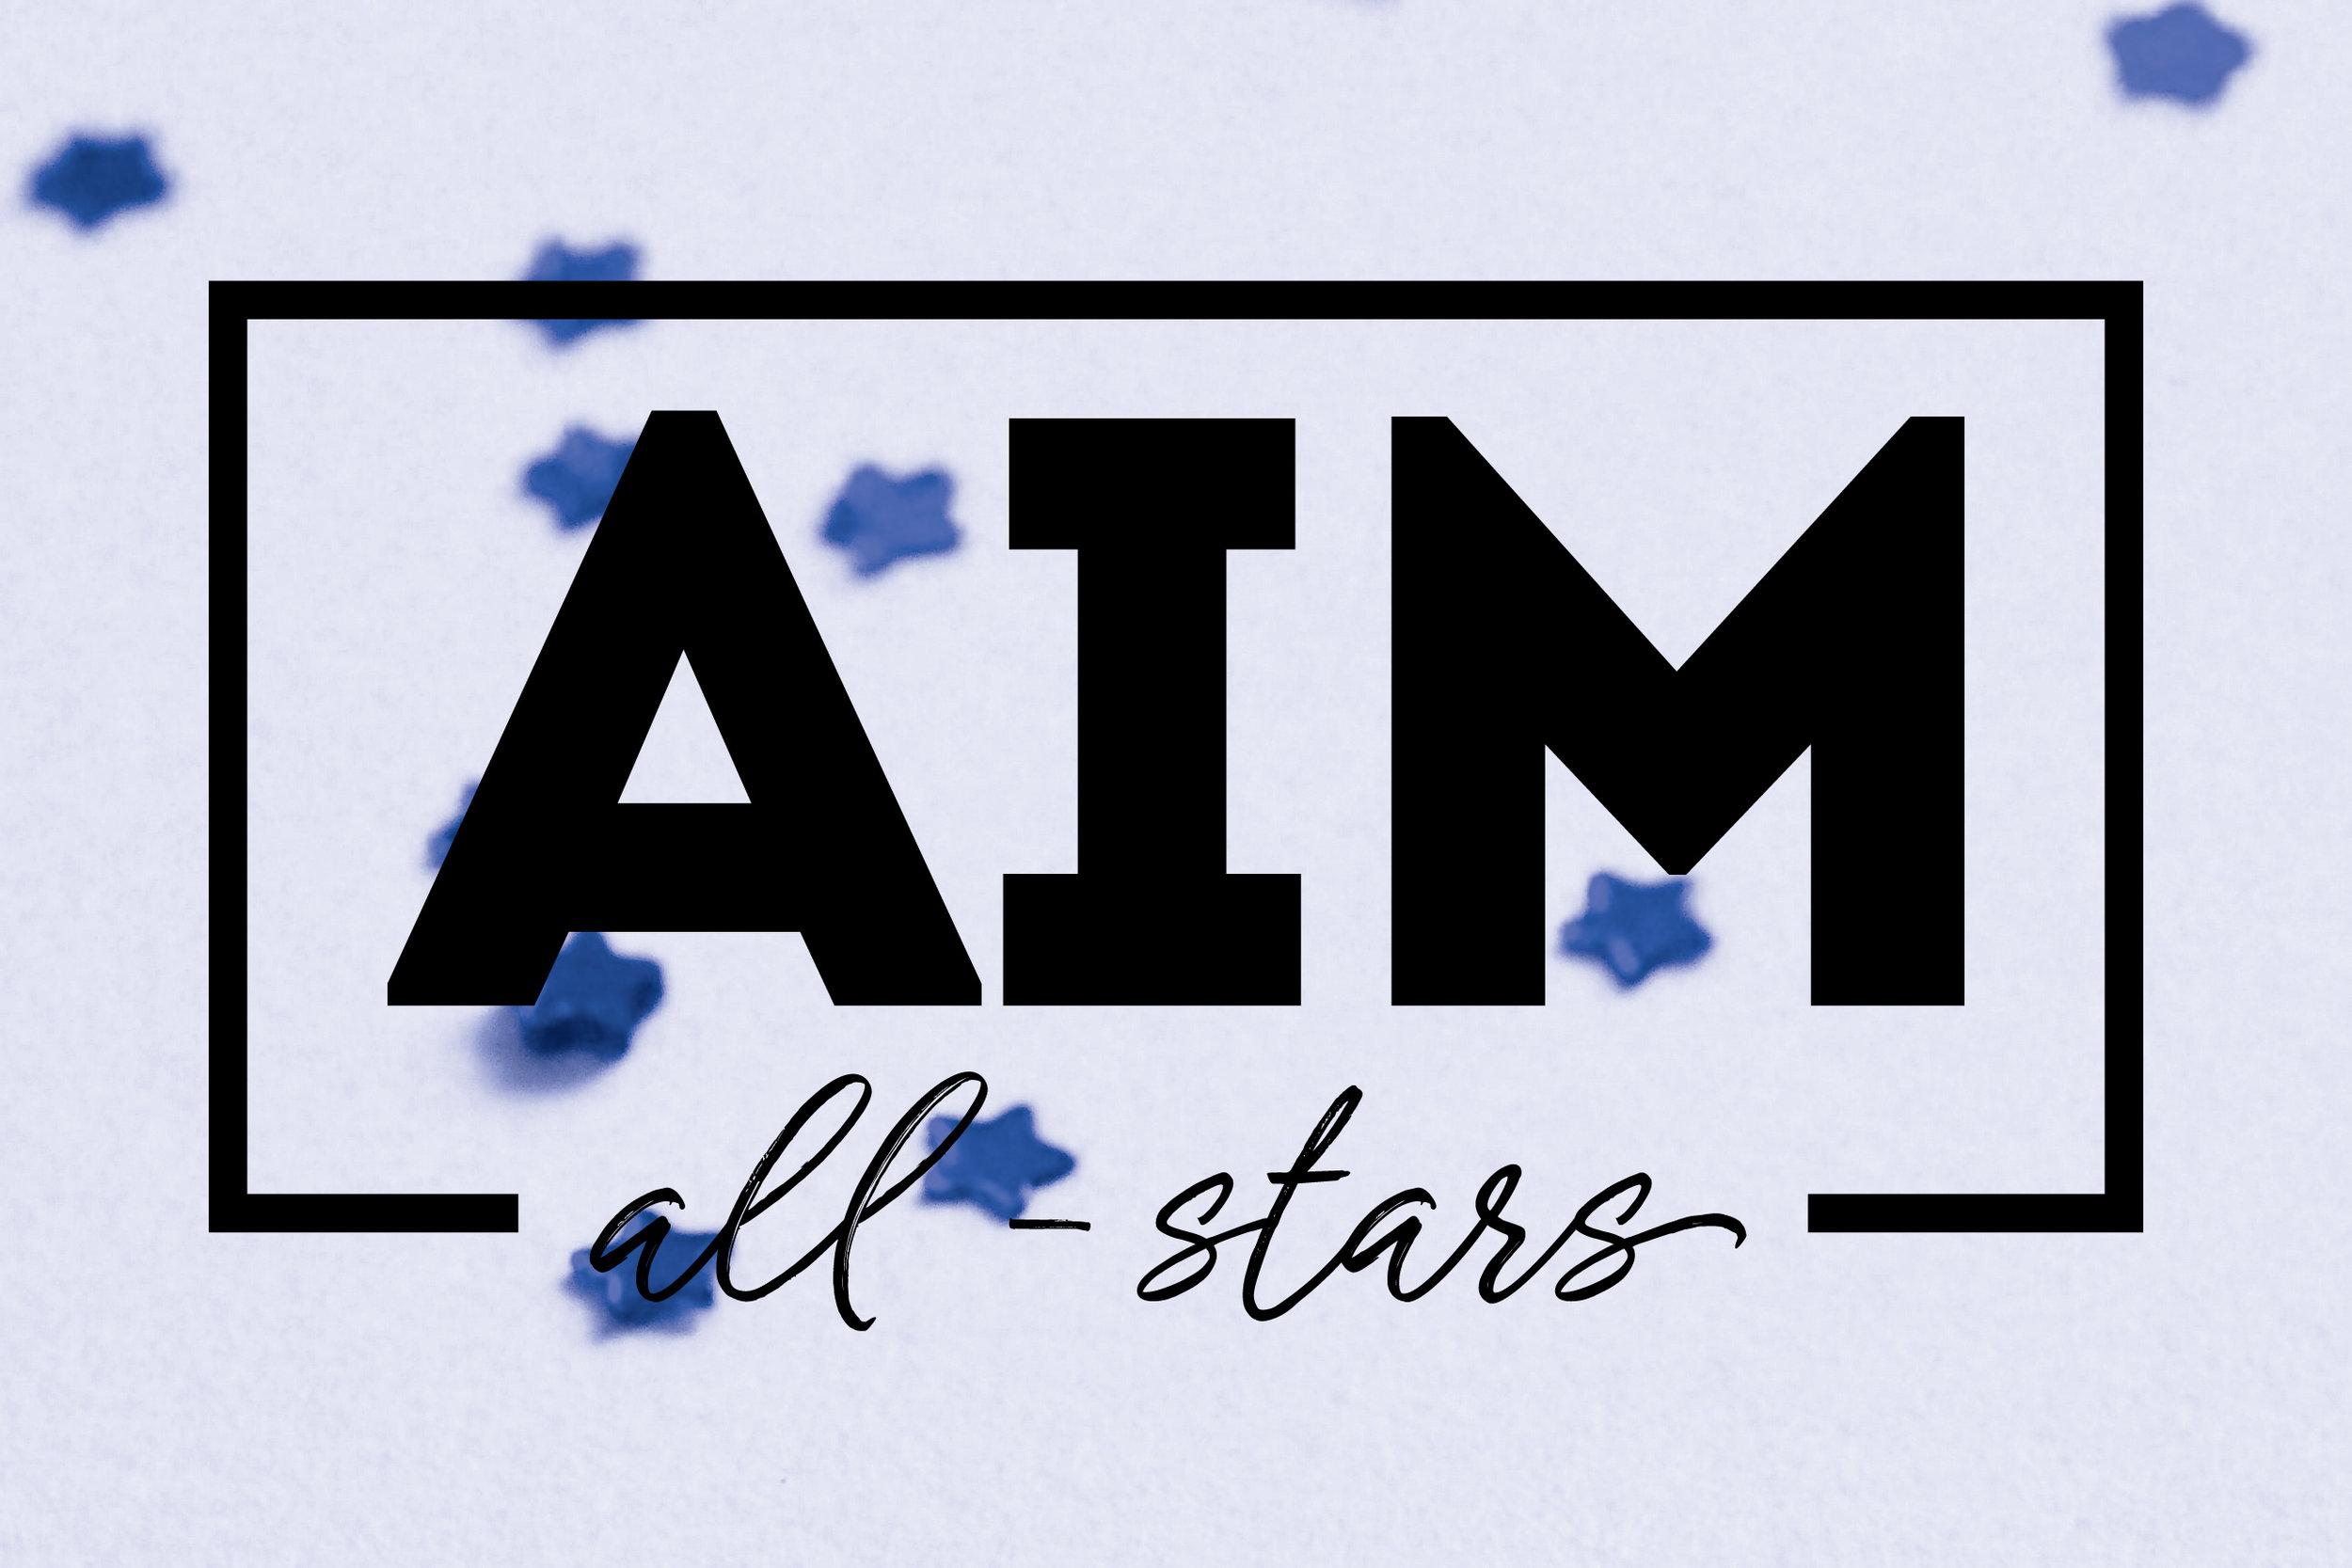 aim-allstars1.jpg